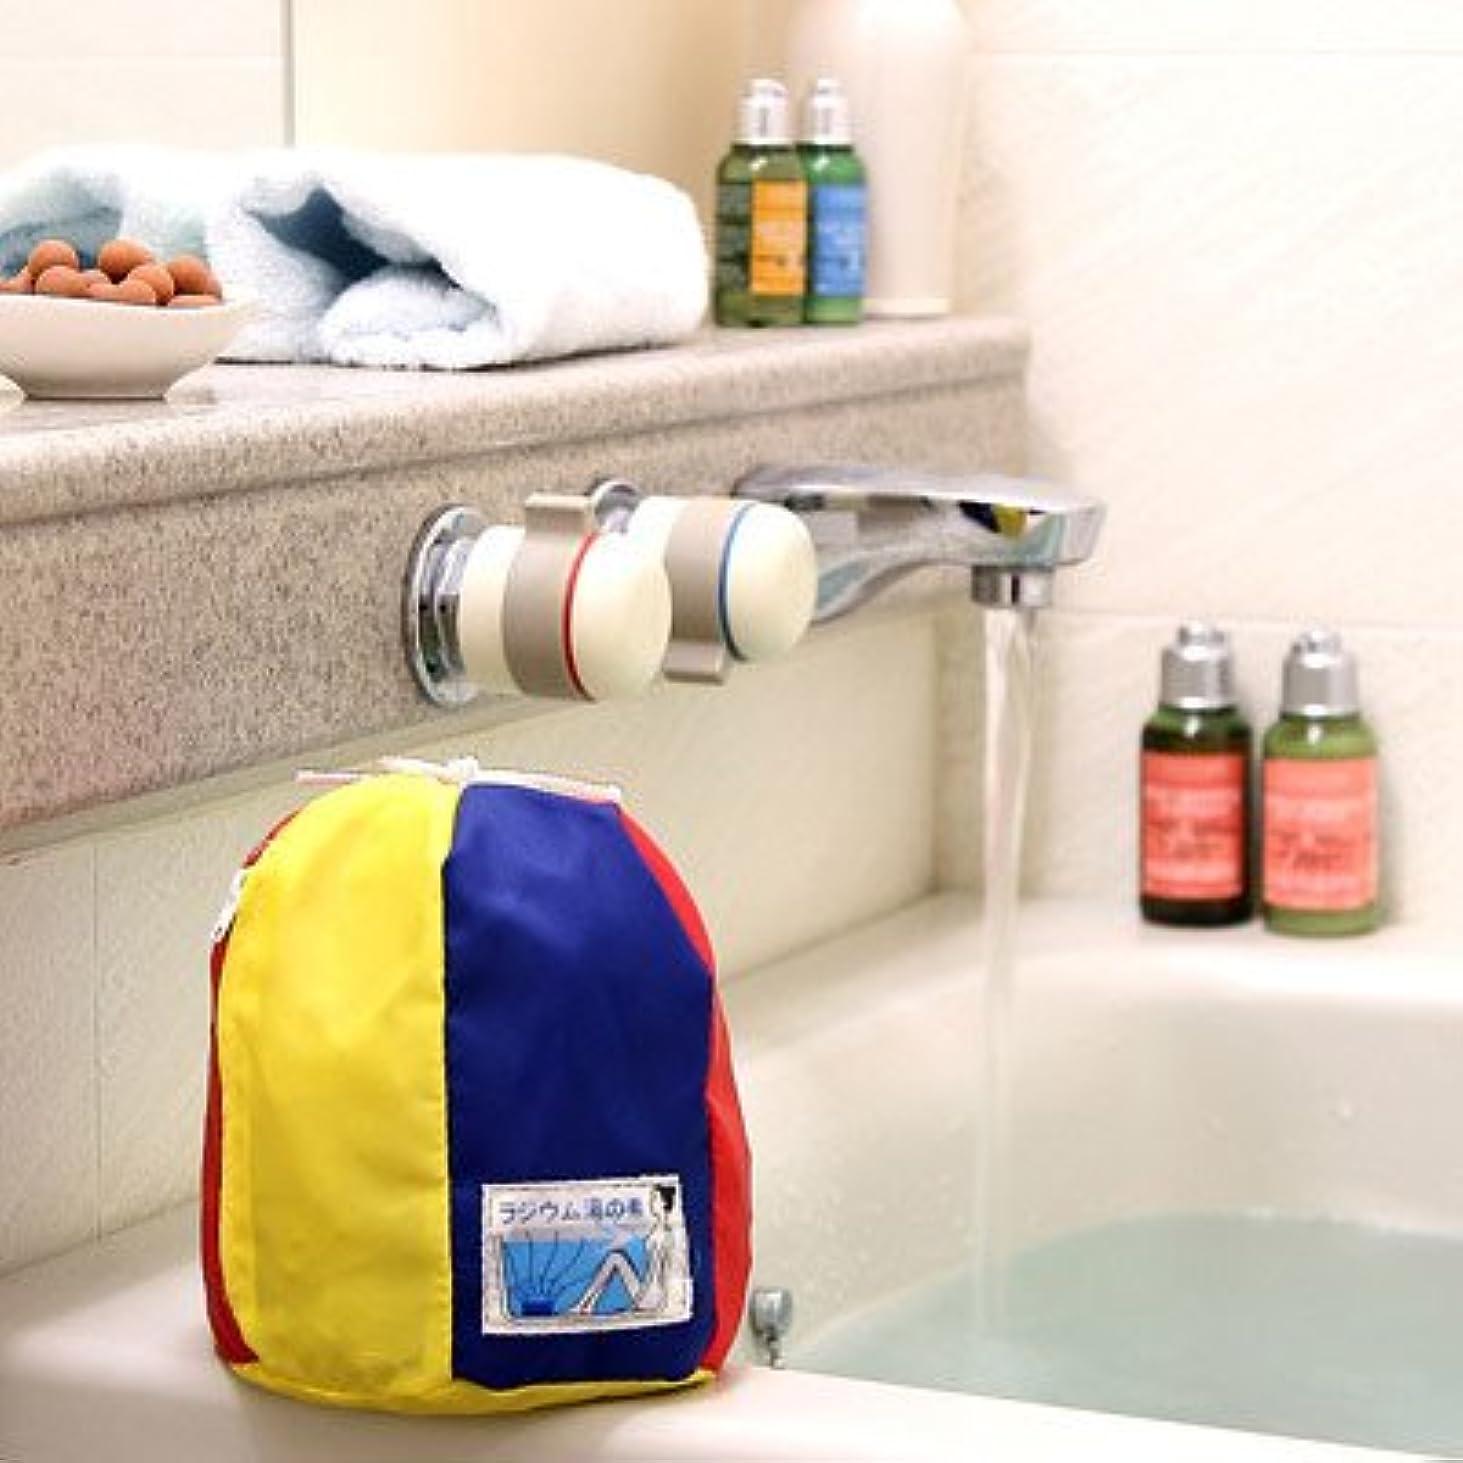 有毒とティームくぼみ毎日おうちで温泉気分! ラジウム湯の素(小) つげ石材株式会社?岐阜県